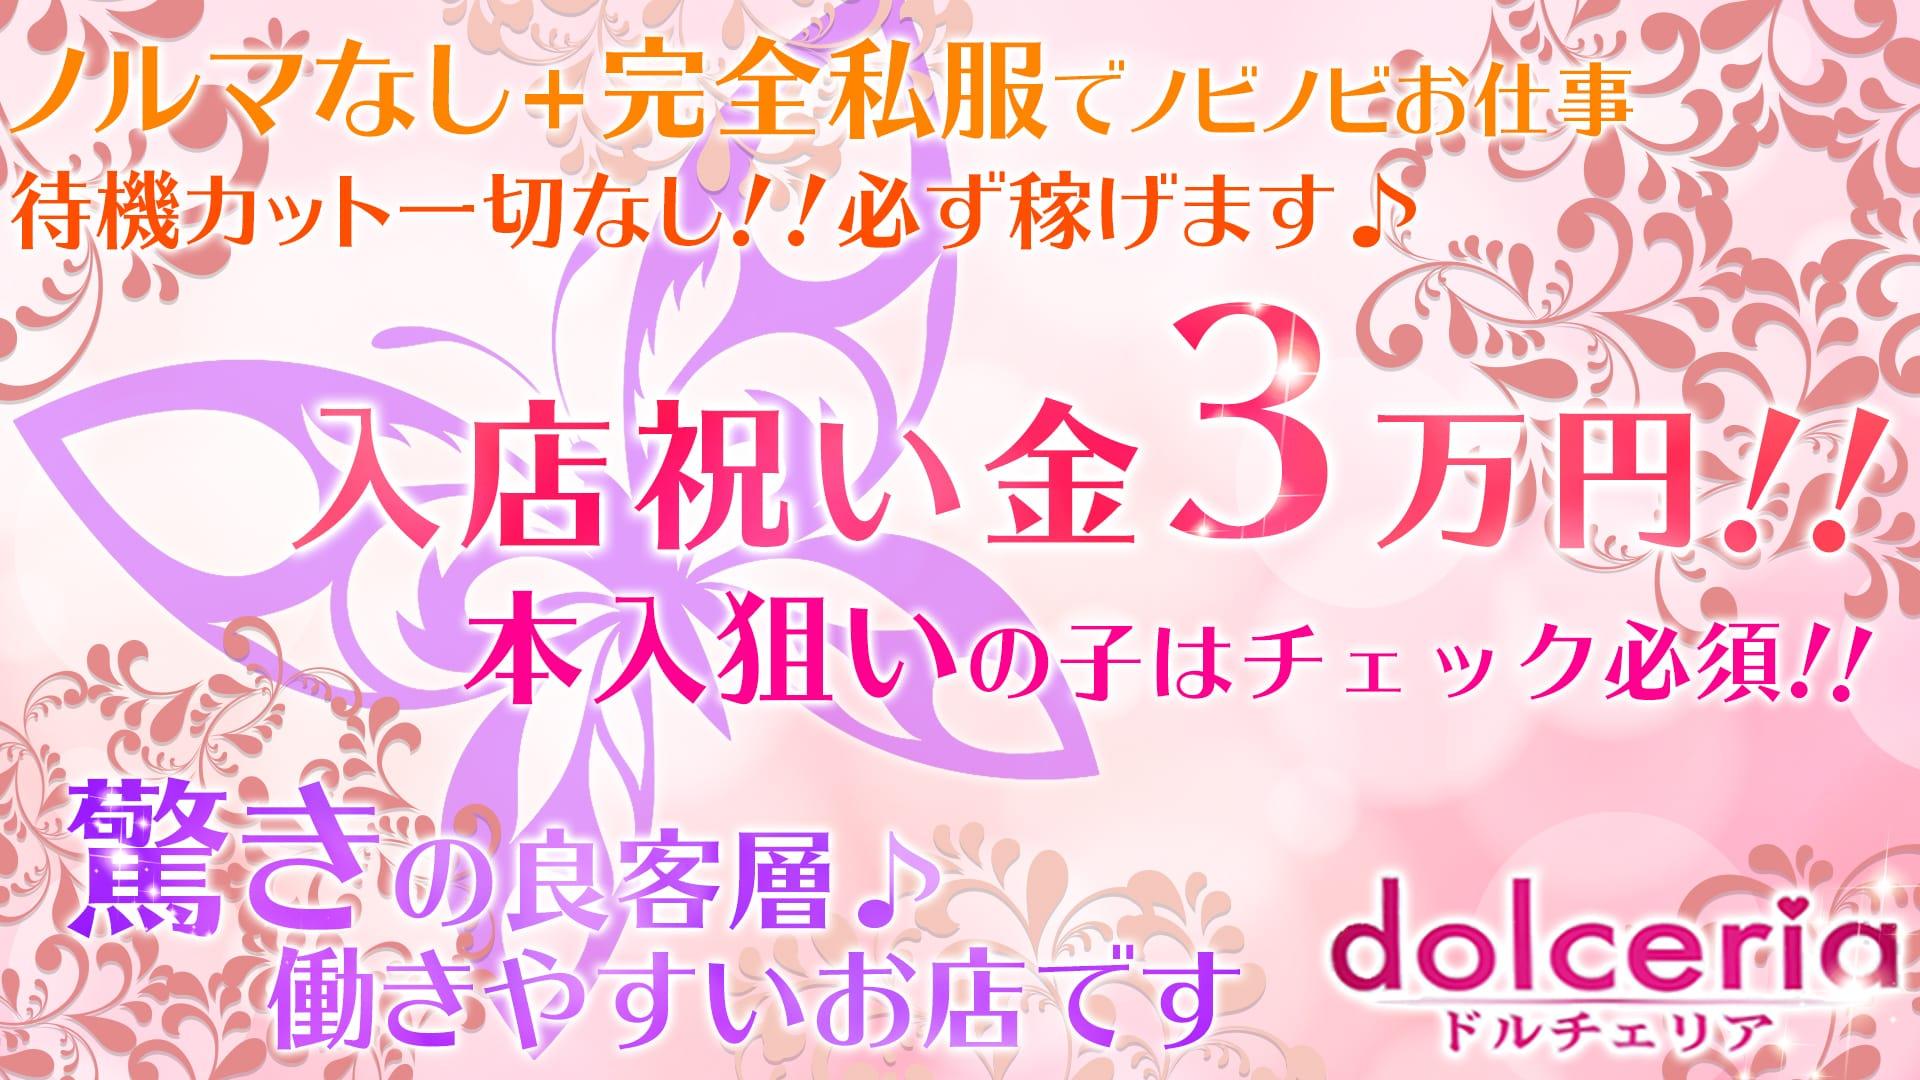 dolceria(ドルチェリア) 高田馬場ガールズバー TOP画像